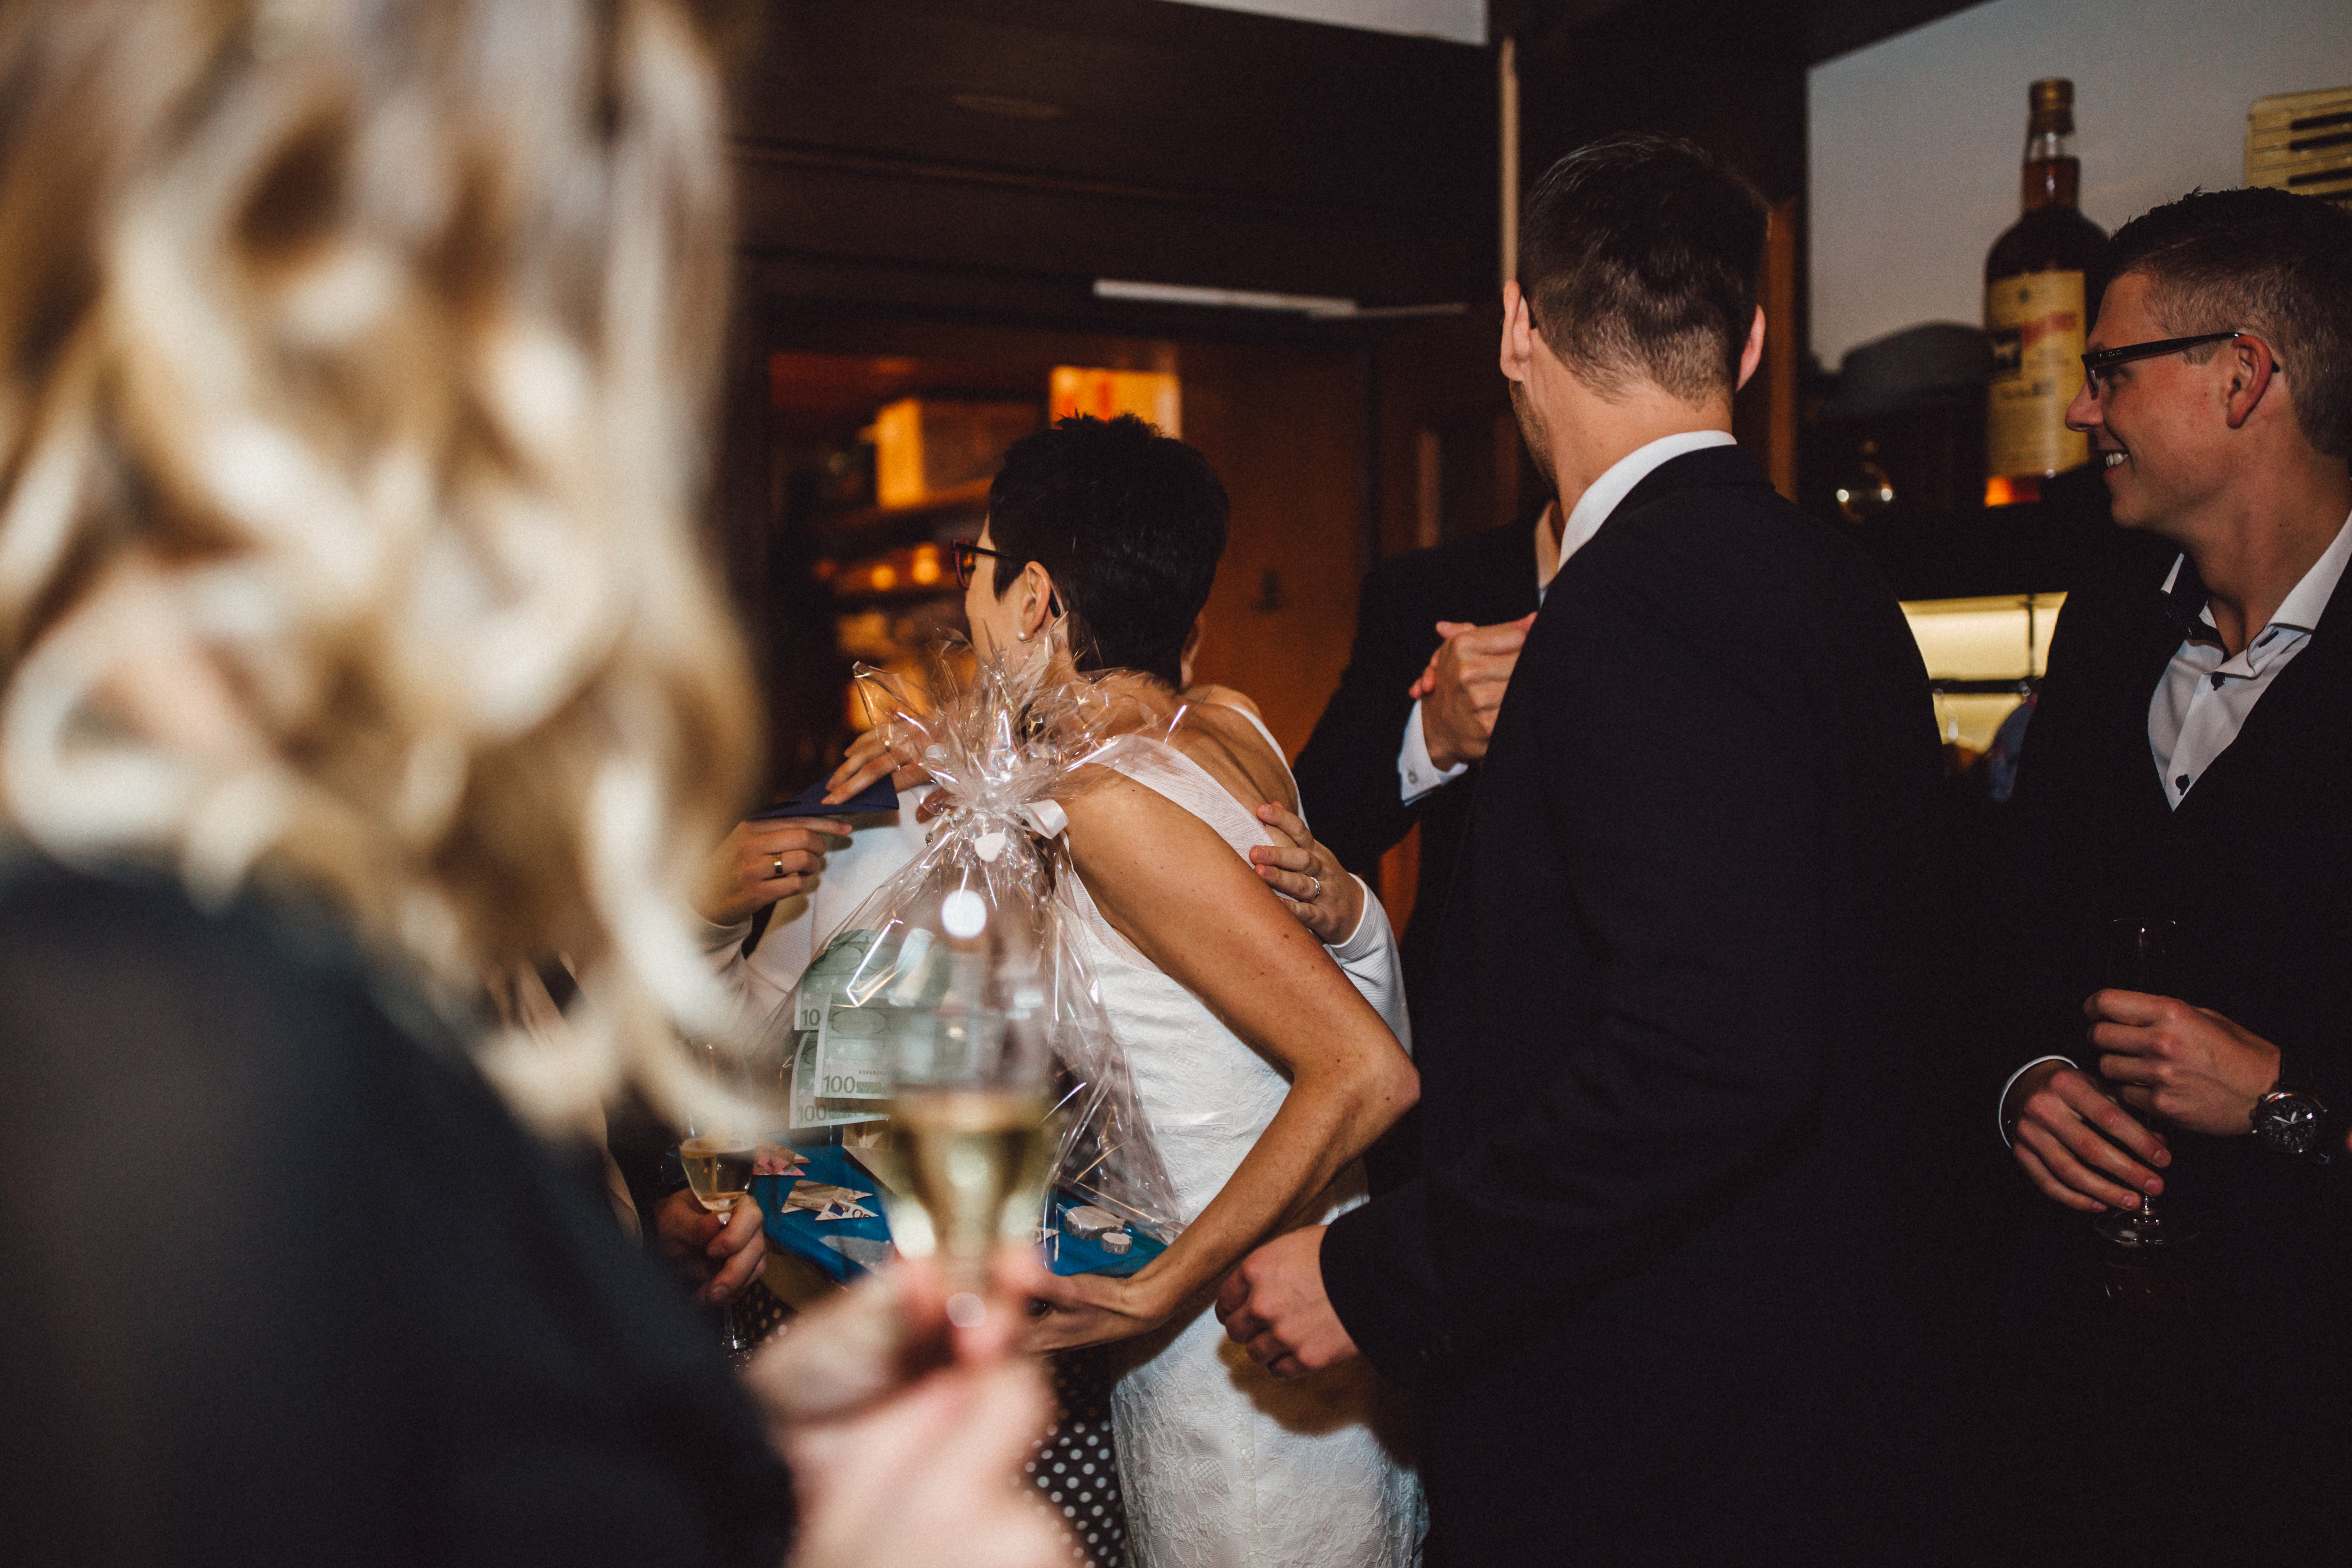 URBANERIE_Daniela_Goth_Hochzeitsfotografin_Nürnberg_Fürth_Erlangen_Schwabach_171028_0076